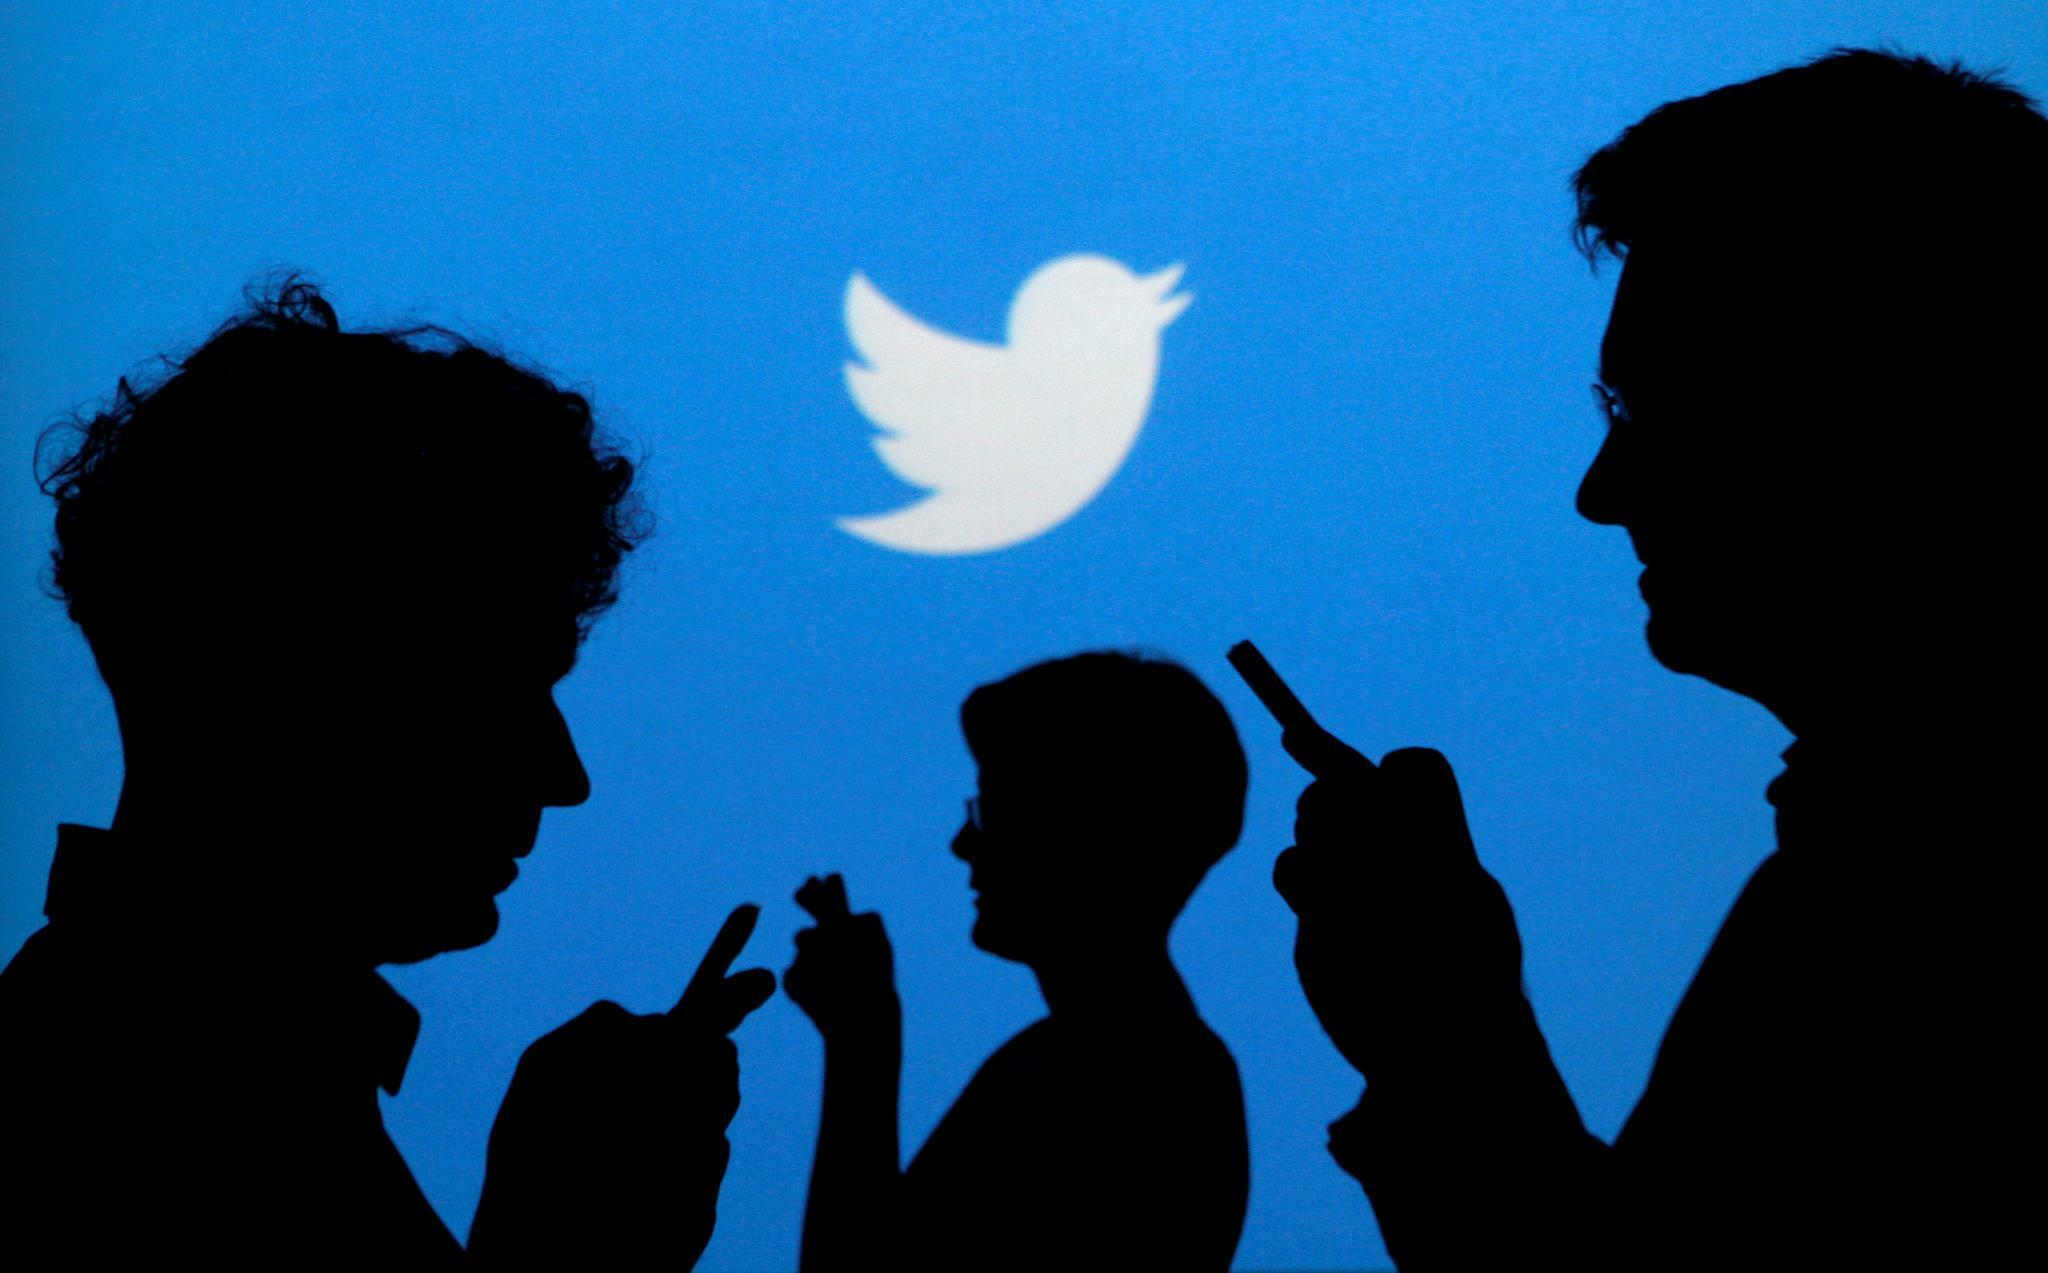 Kurznachrichtendienst: Twitter präzisiert Regeln für Politiker-Tweets